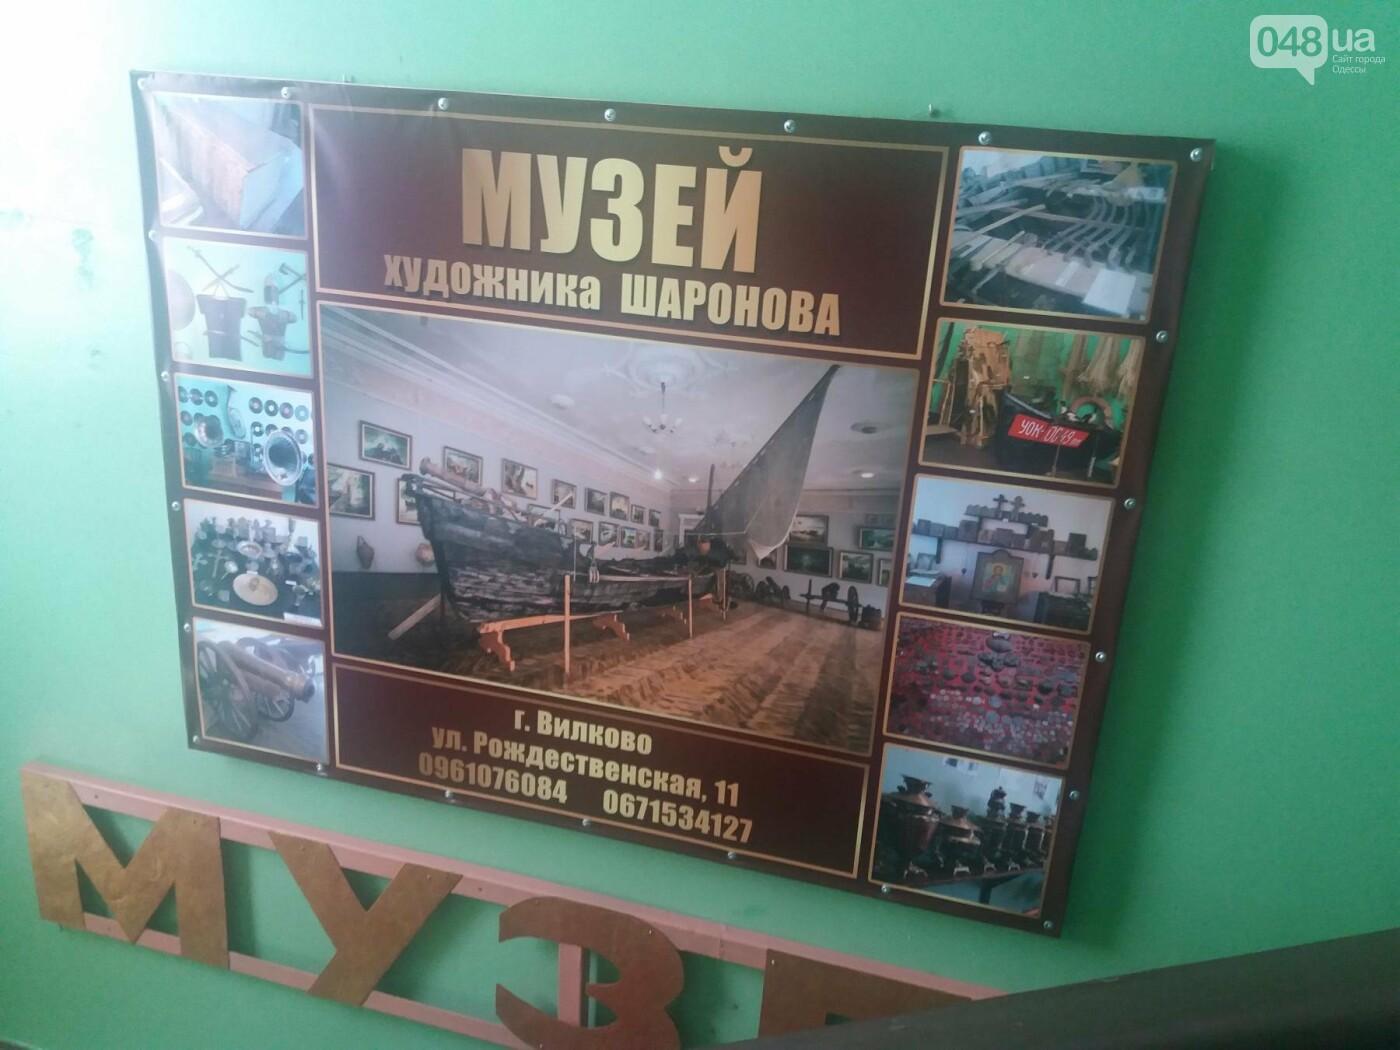 Децентрализация в действии: опыт Европы и радость первым собственным успехам в Одесской области, - ФОТО, фото-9